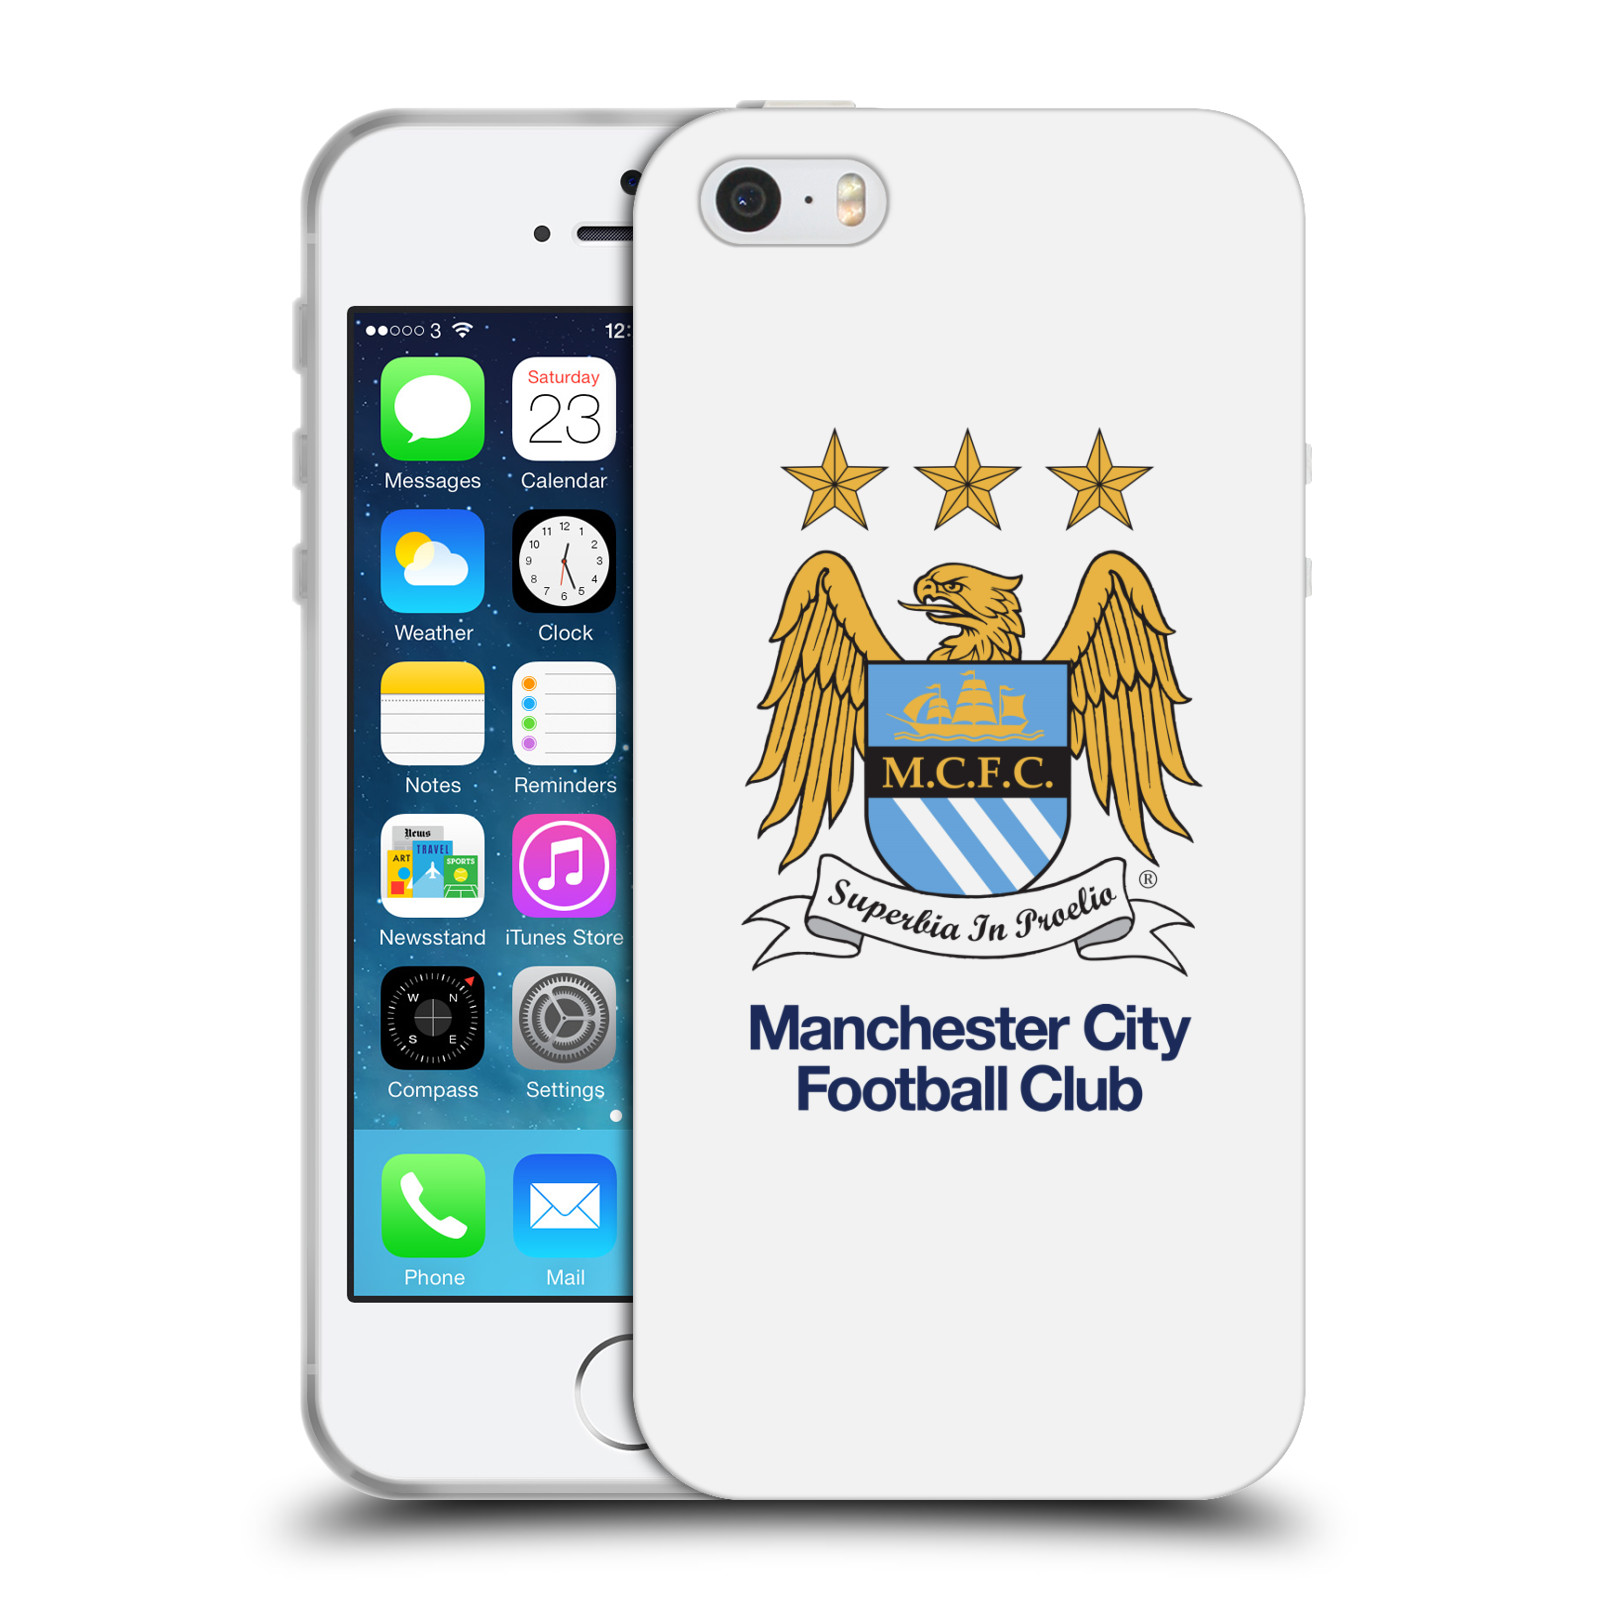 HEAD CASE silikonový obal na mobil Apple Iphone 5/5S Fotbalový klub Manchester City bílé pozadí velký znak pták